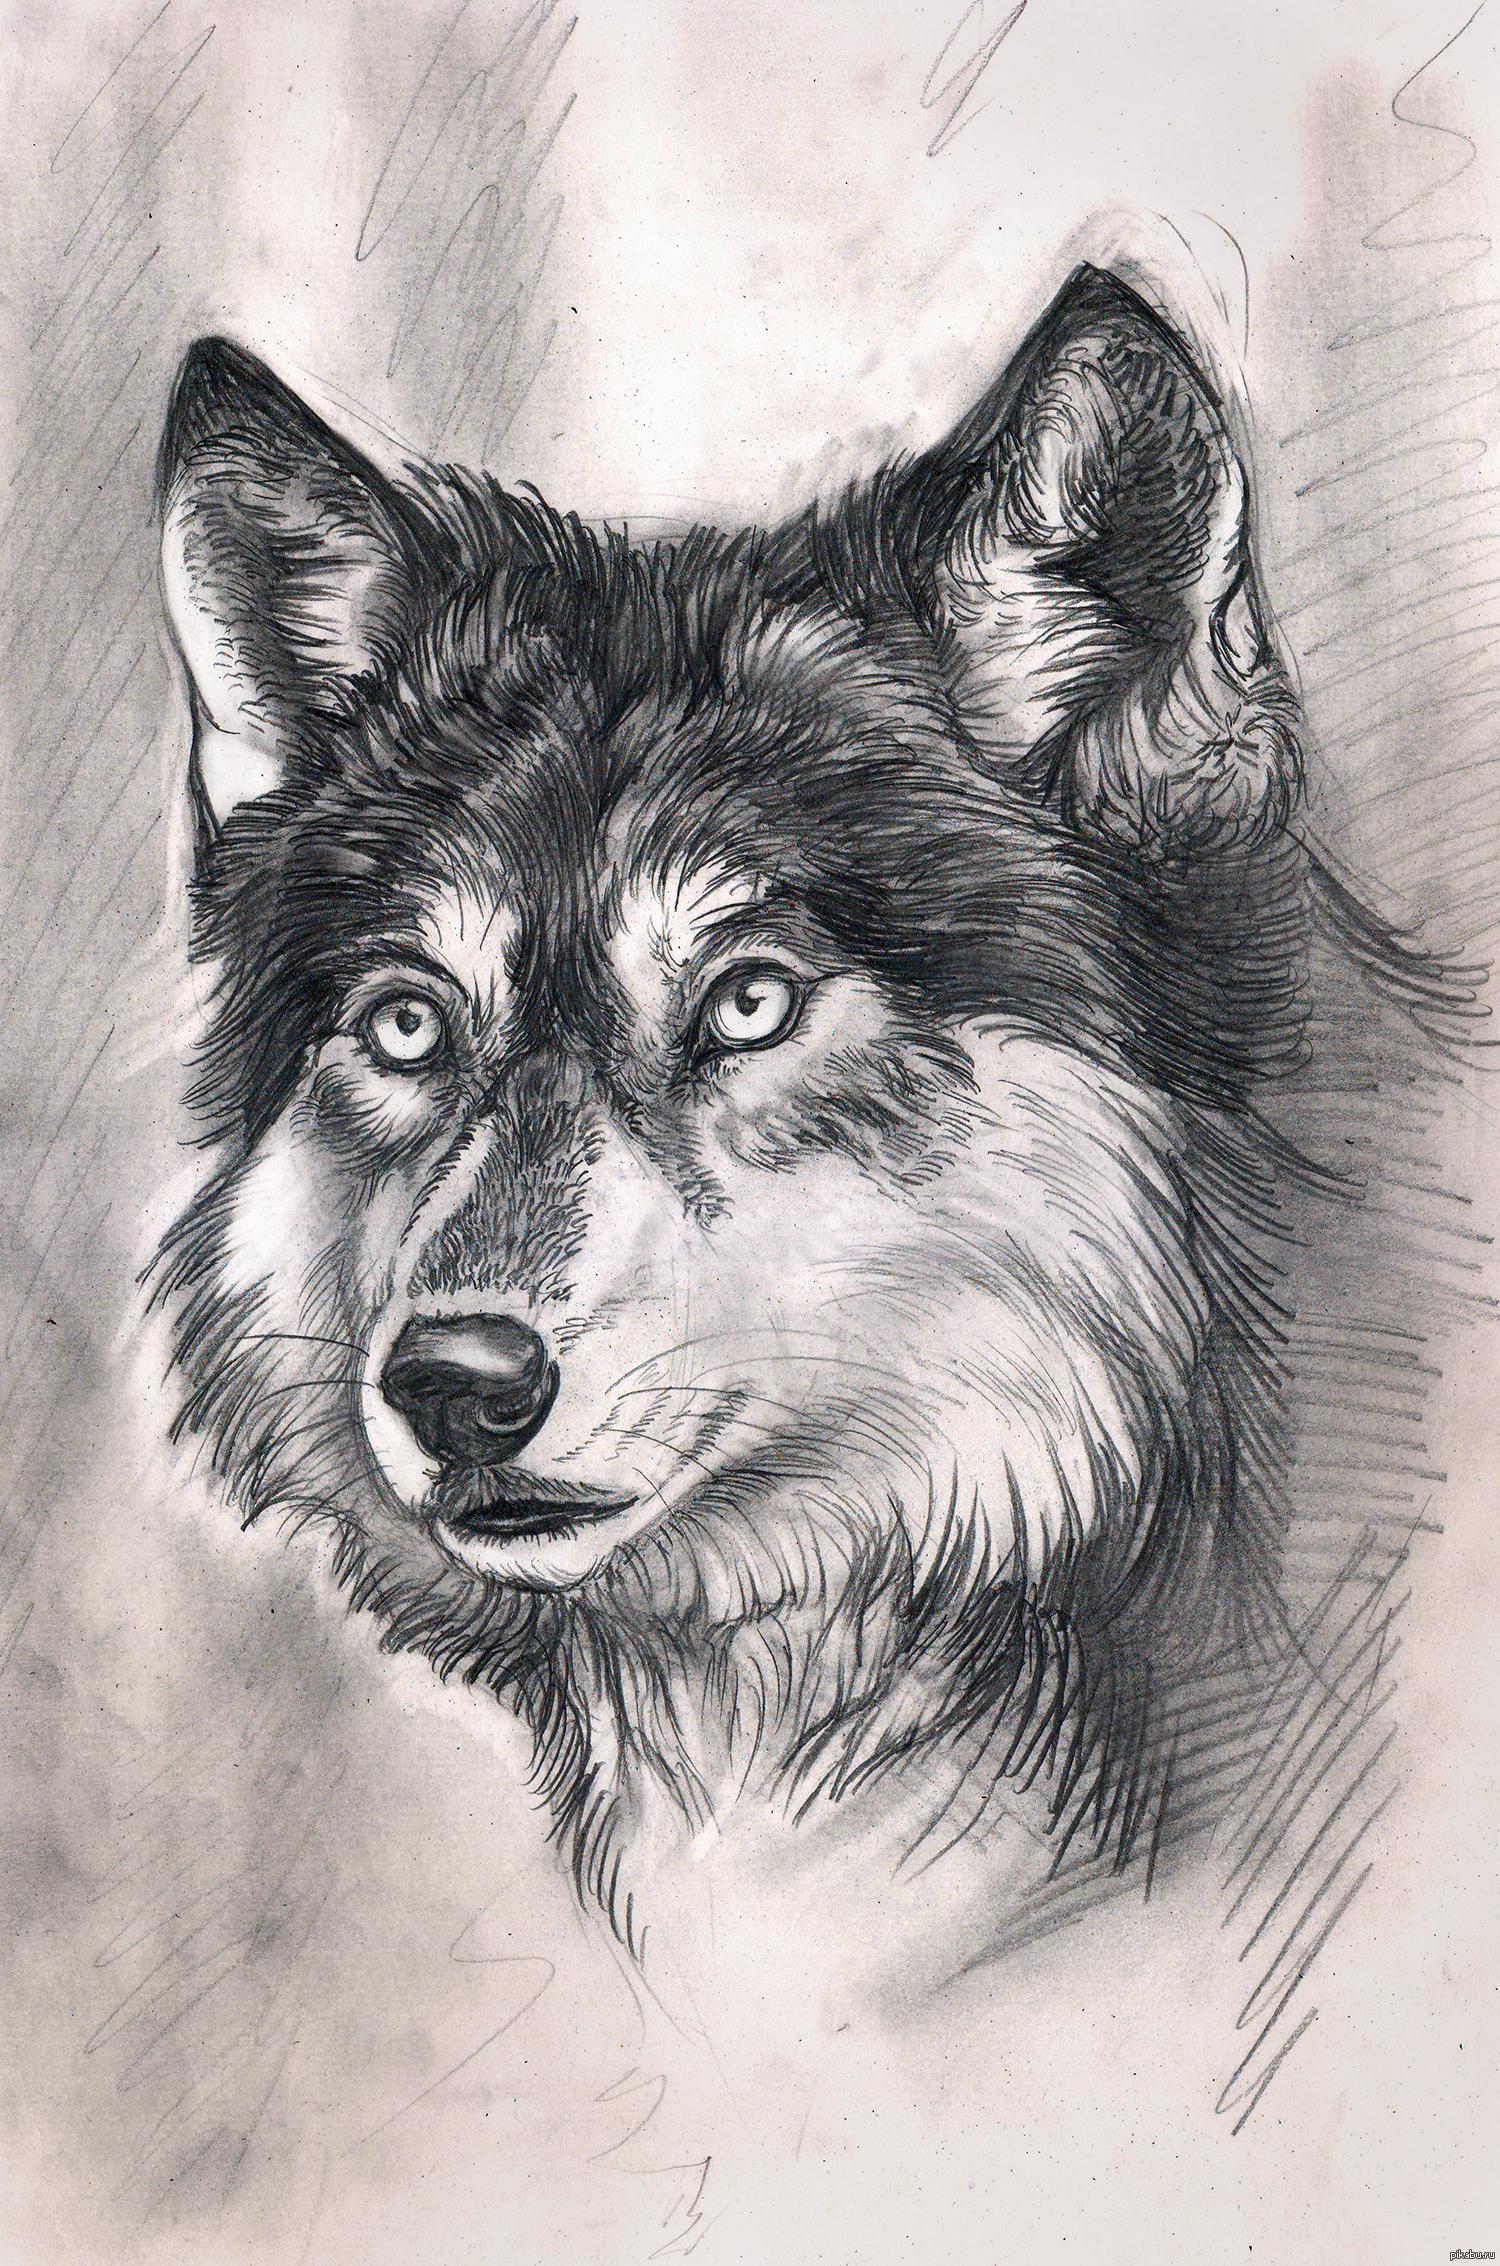 Красивые картинки волков нарисованных